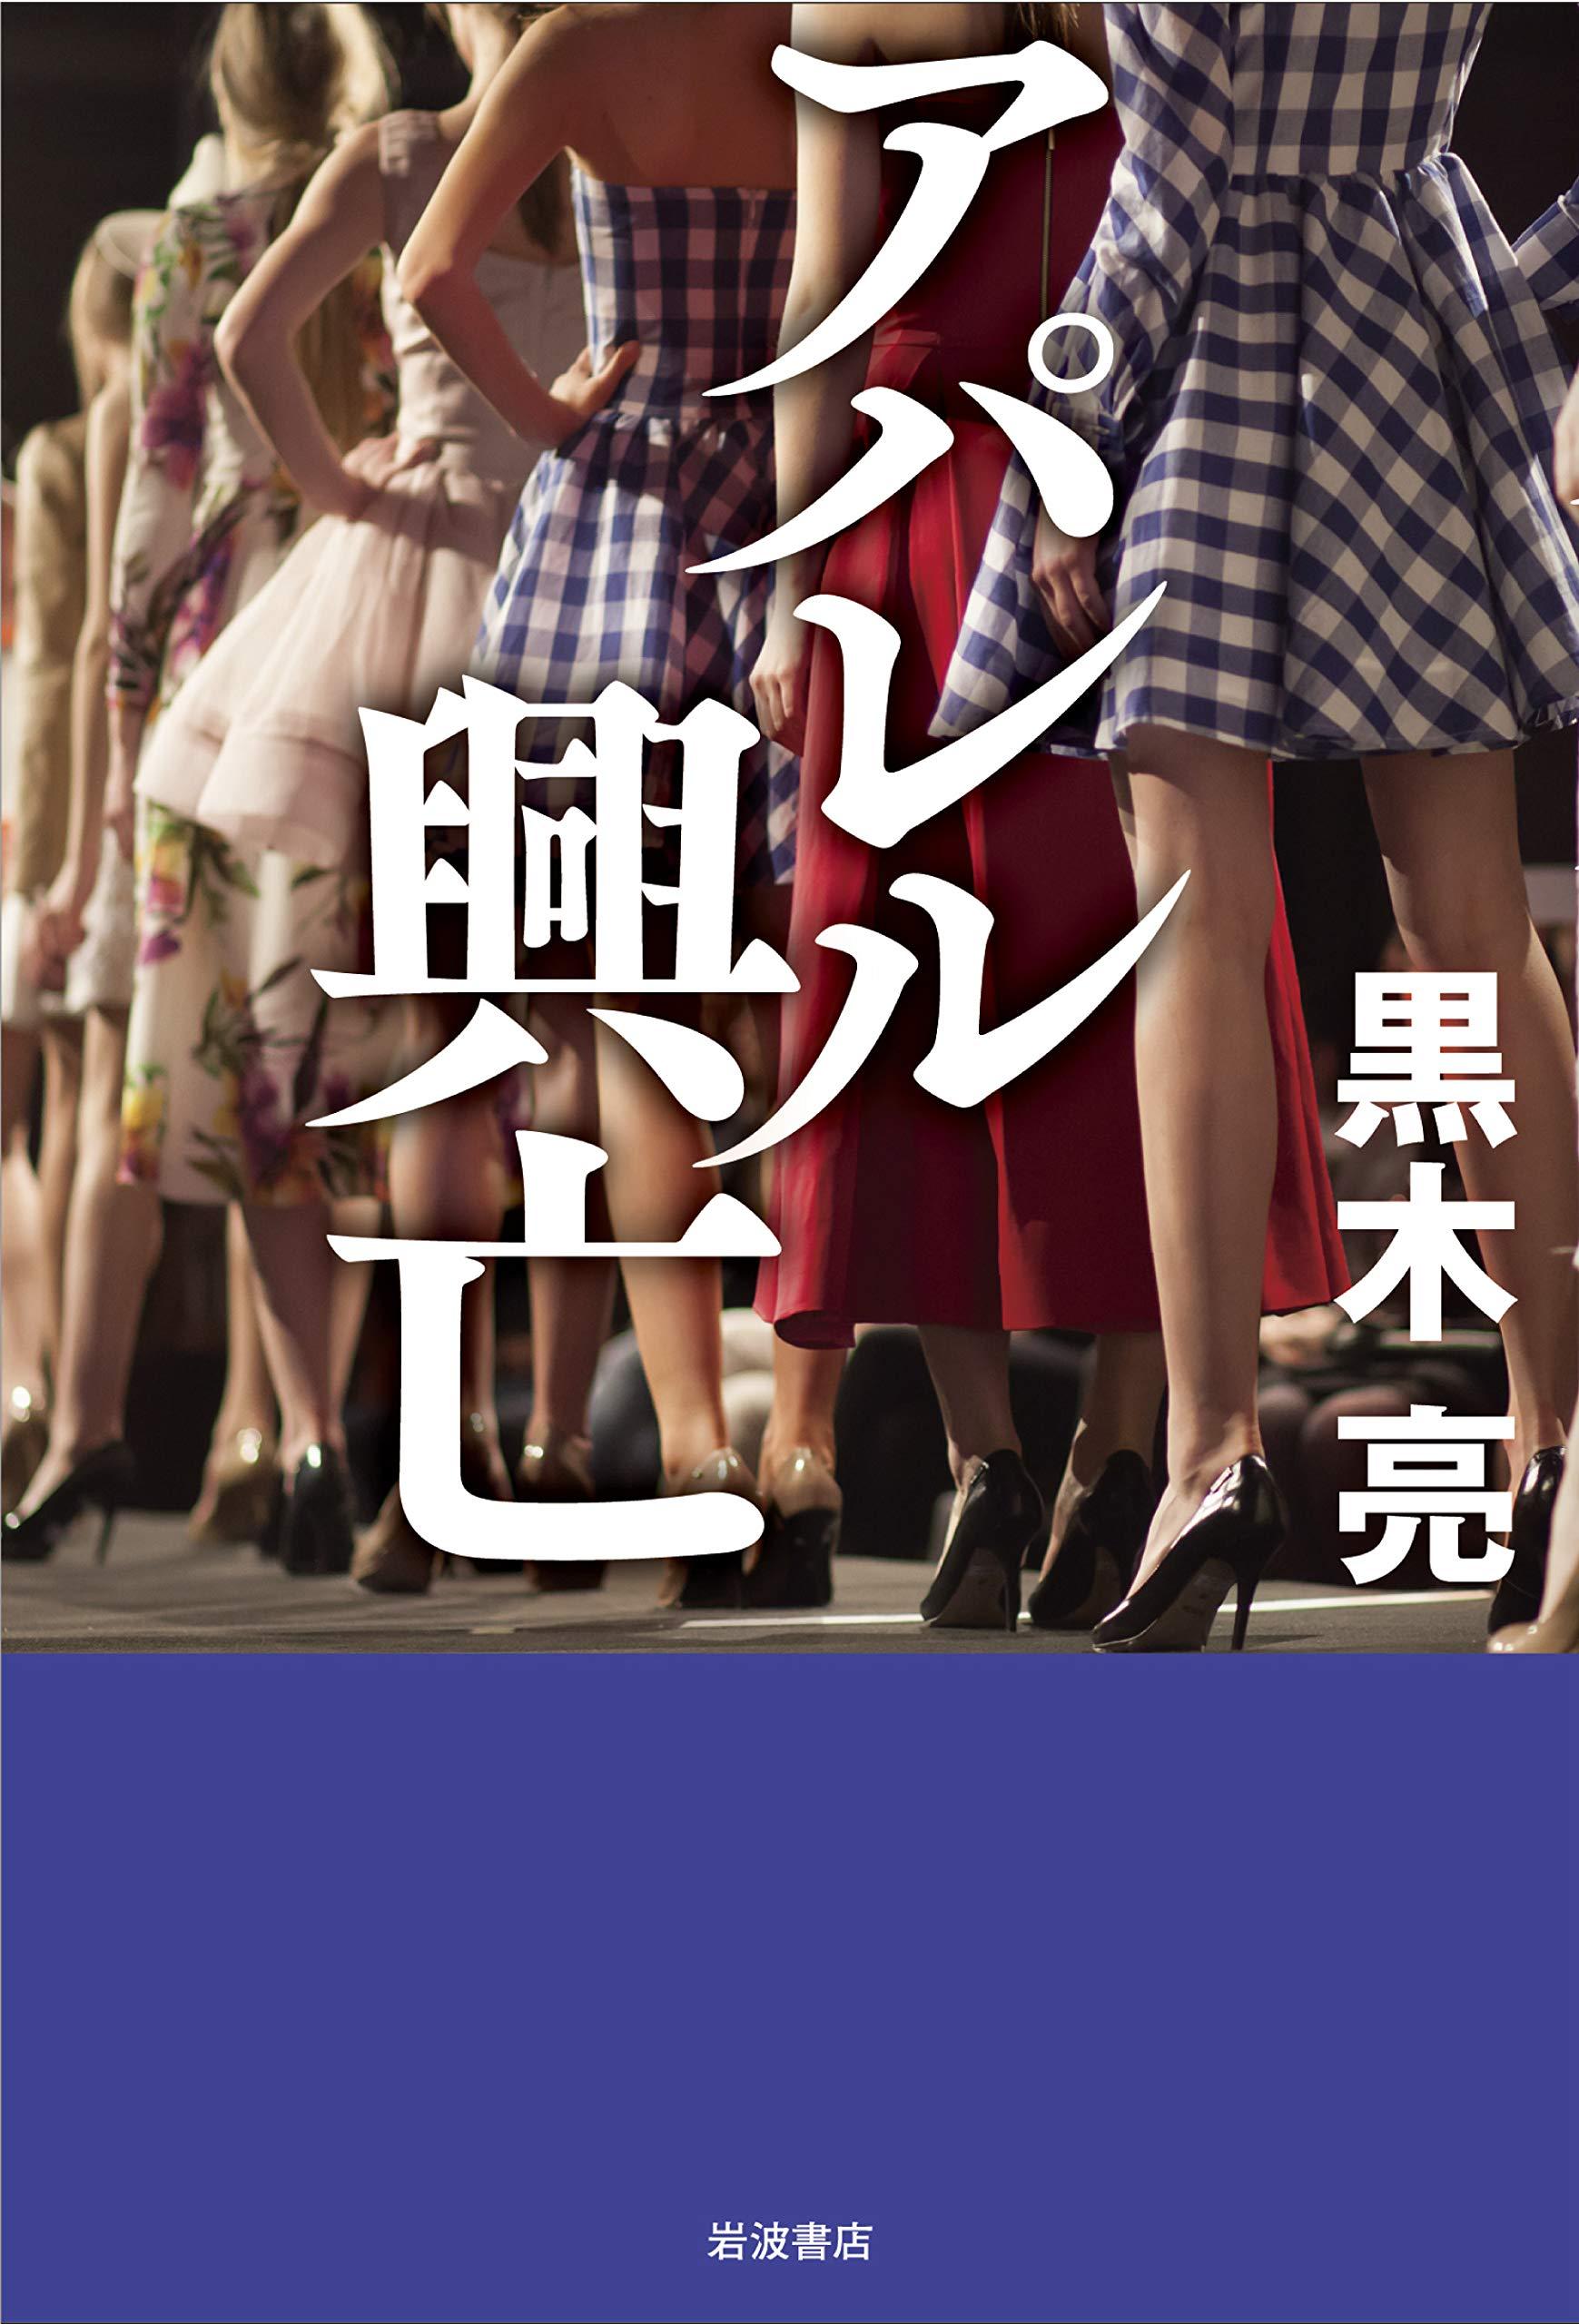 興亡 アパレル 東京スタイルとサンエーインターナショナル(「アパレル興亡」解説)